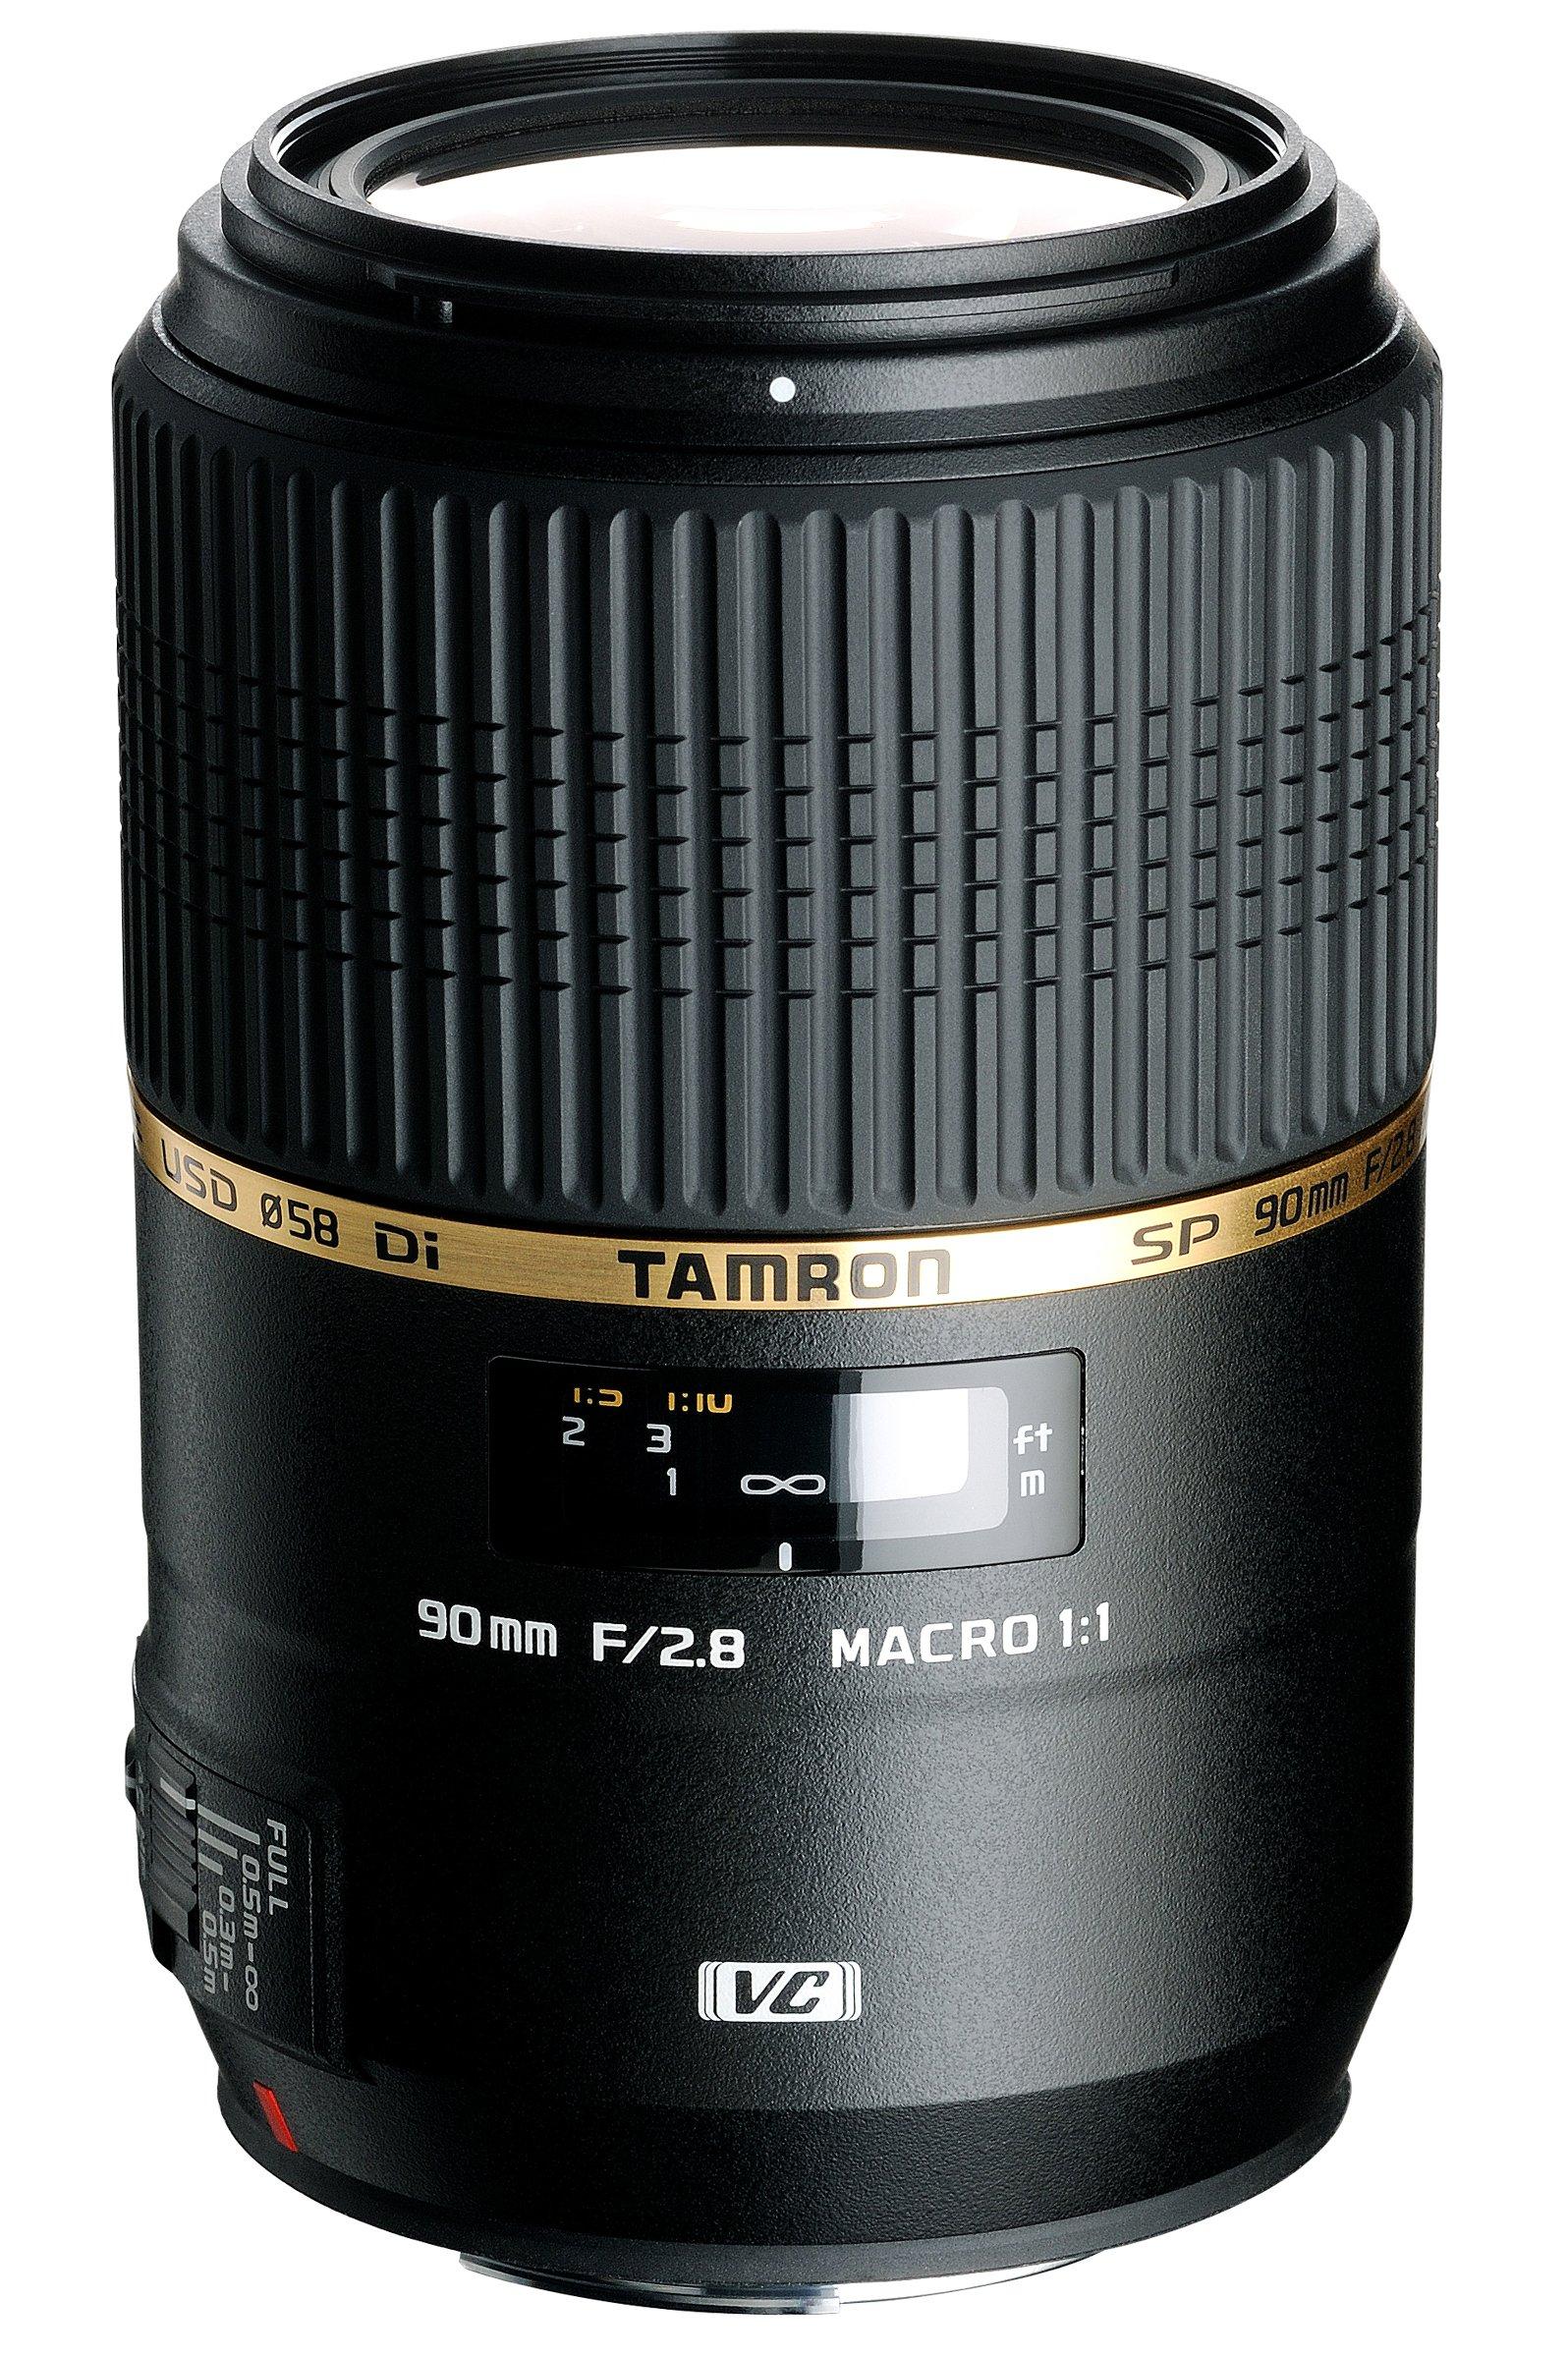 Mua Tamron SP 90mm F/2.8 Di MACRO 1:1 VC USD trên Amazon Nhật chính hãng 2021 | Fado